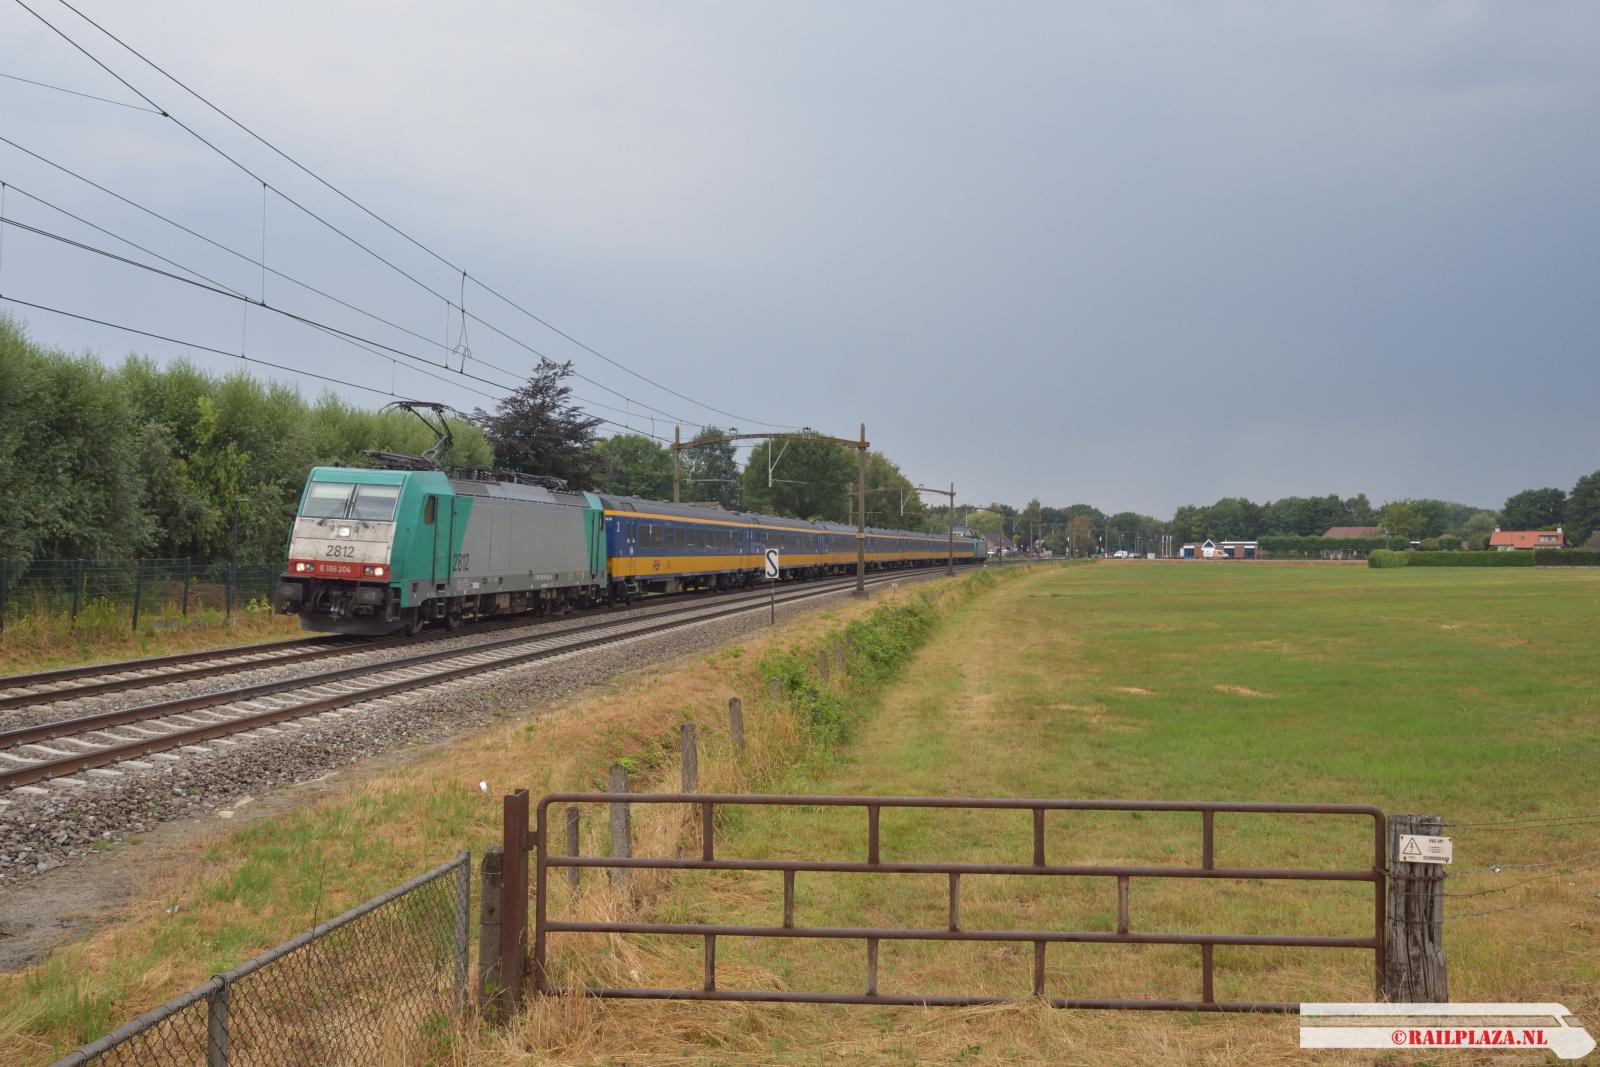 186 204 / 186 196 - Breda Prinsenbeek